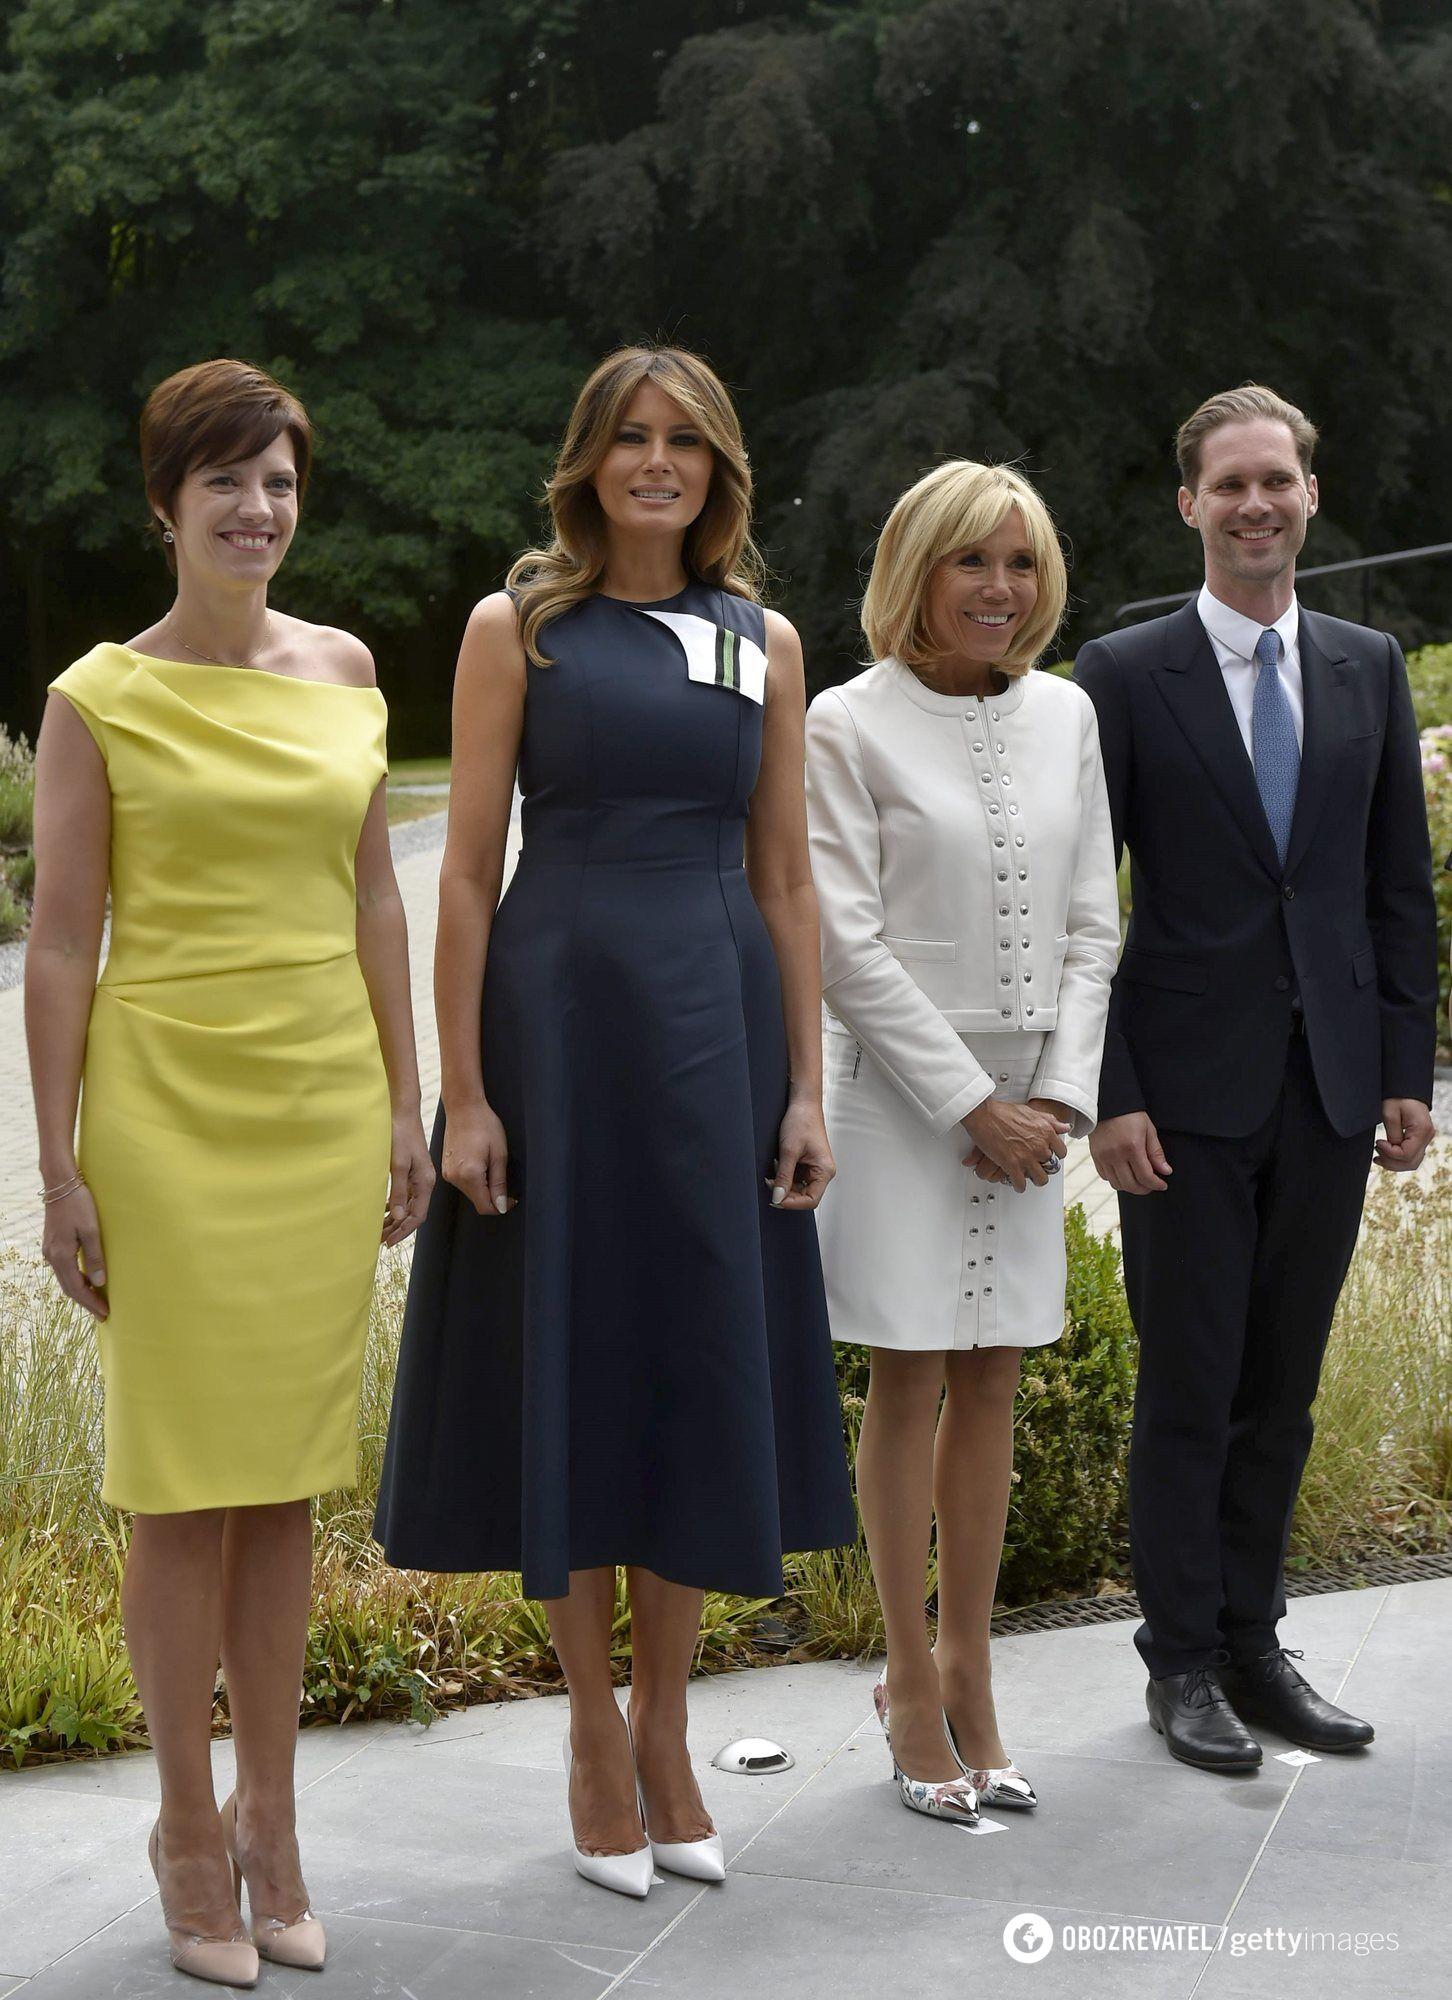 Меланія Трамп, Бріжит Макрон, прем'єр-міністр Люксембургу Ксав'є Бетель і Амелі Дербаудренг'єн (дружина бельгійського прем'єра Шарля Мішеля).